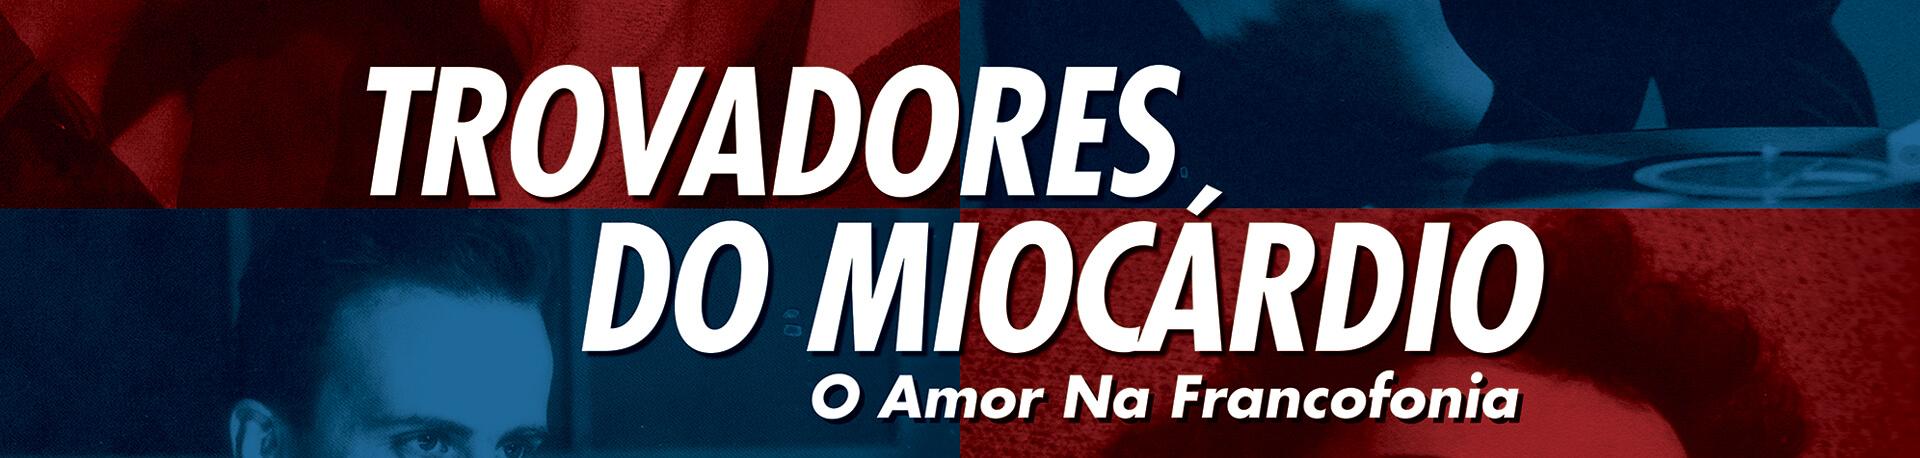 trovadores_do_miocardio